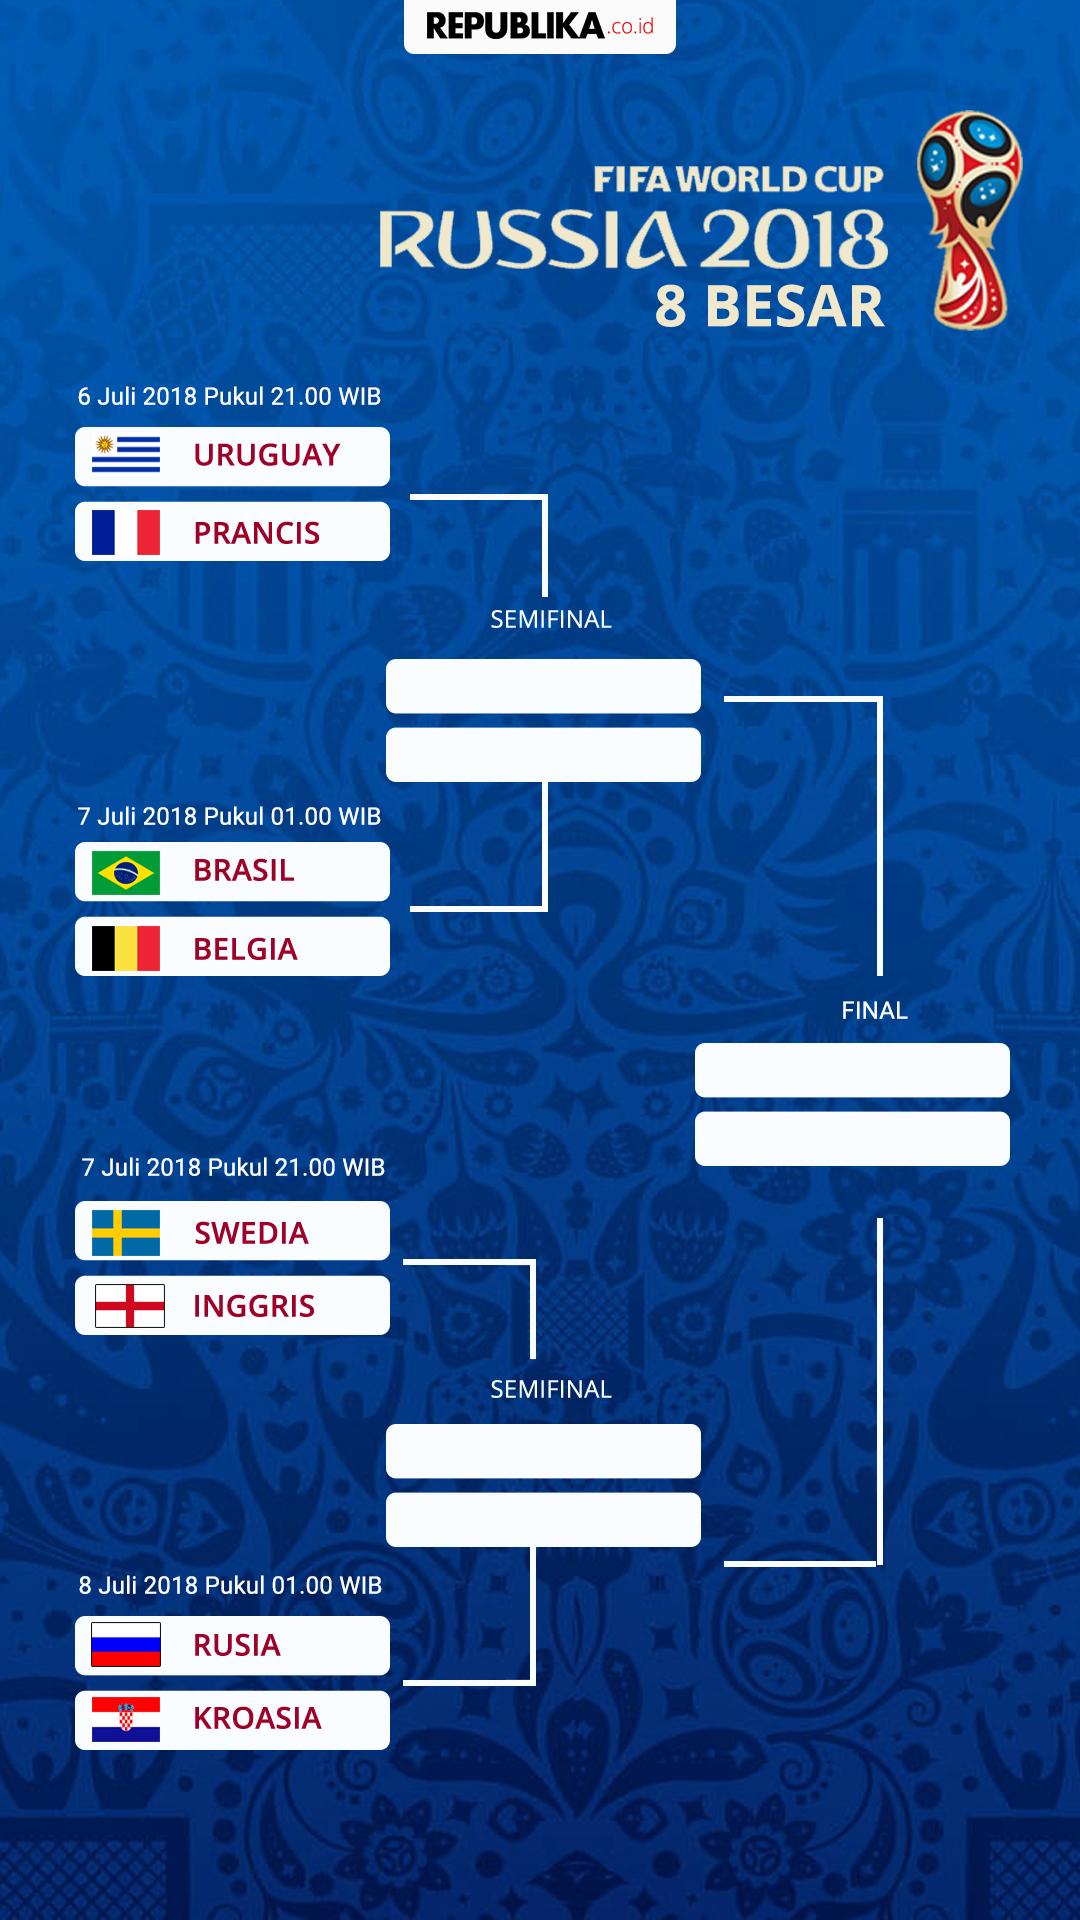 Jadwal Lengkap Dan Negara Yang Lolos 8 Besar Piala Dunia